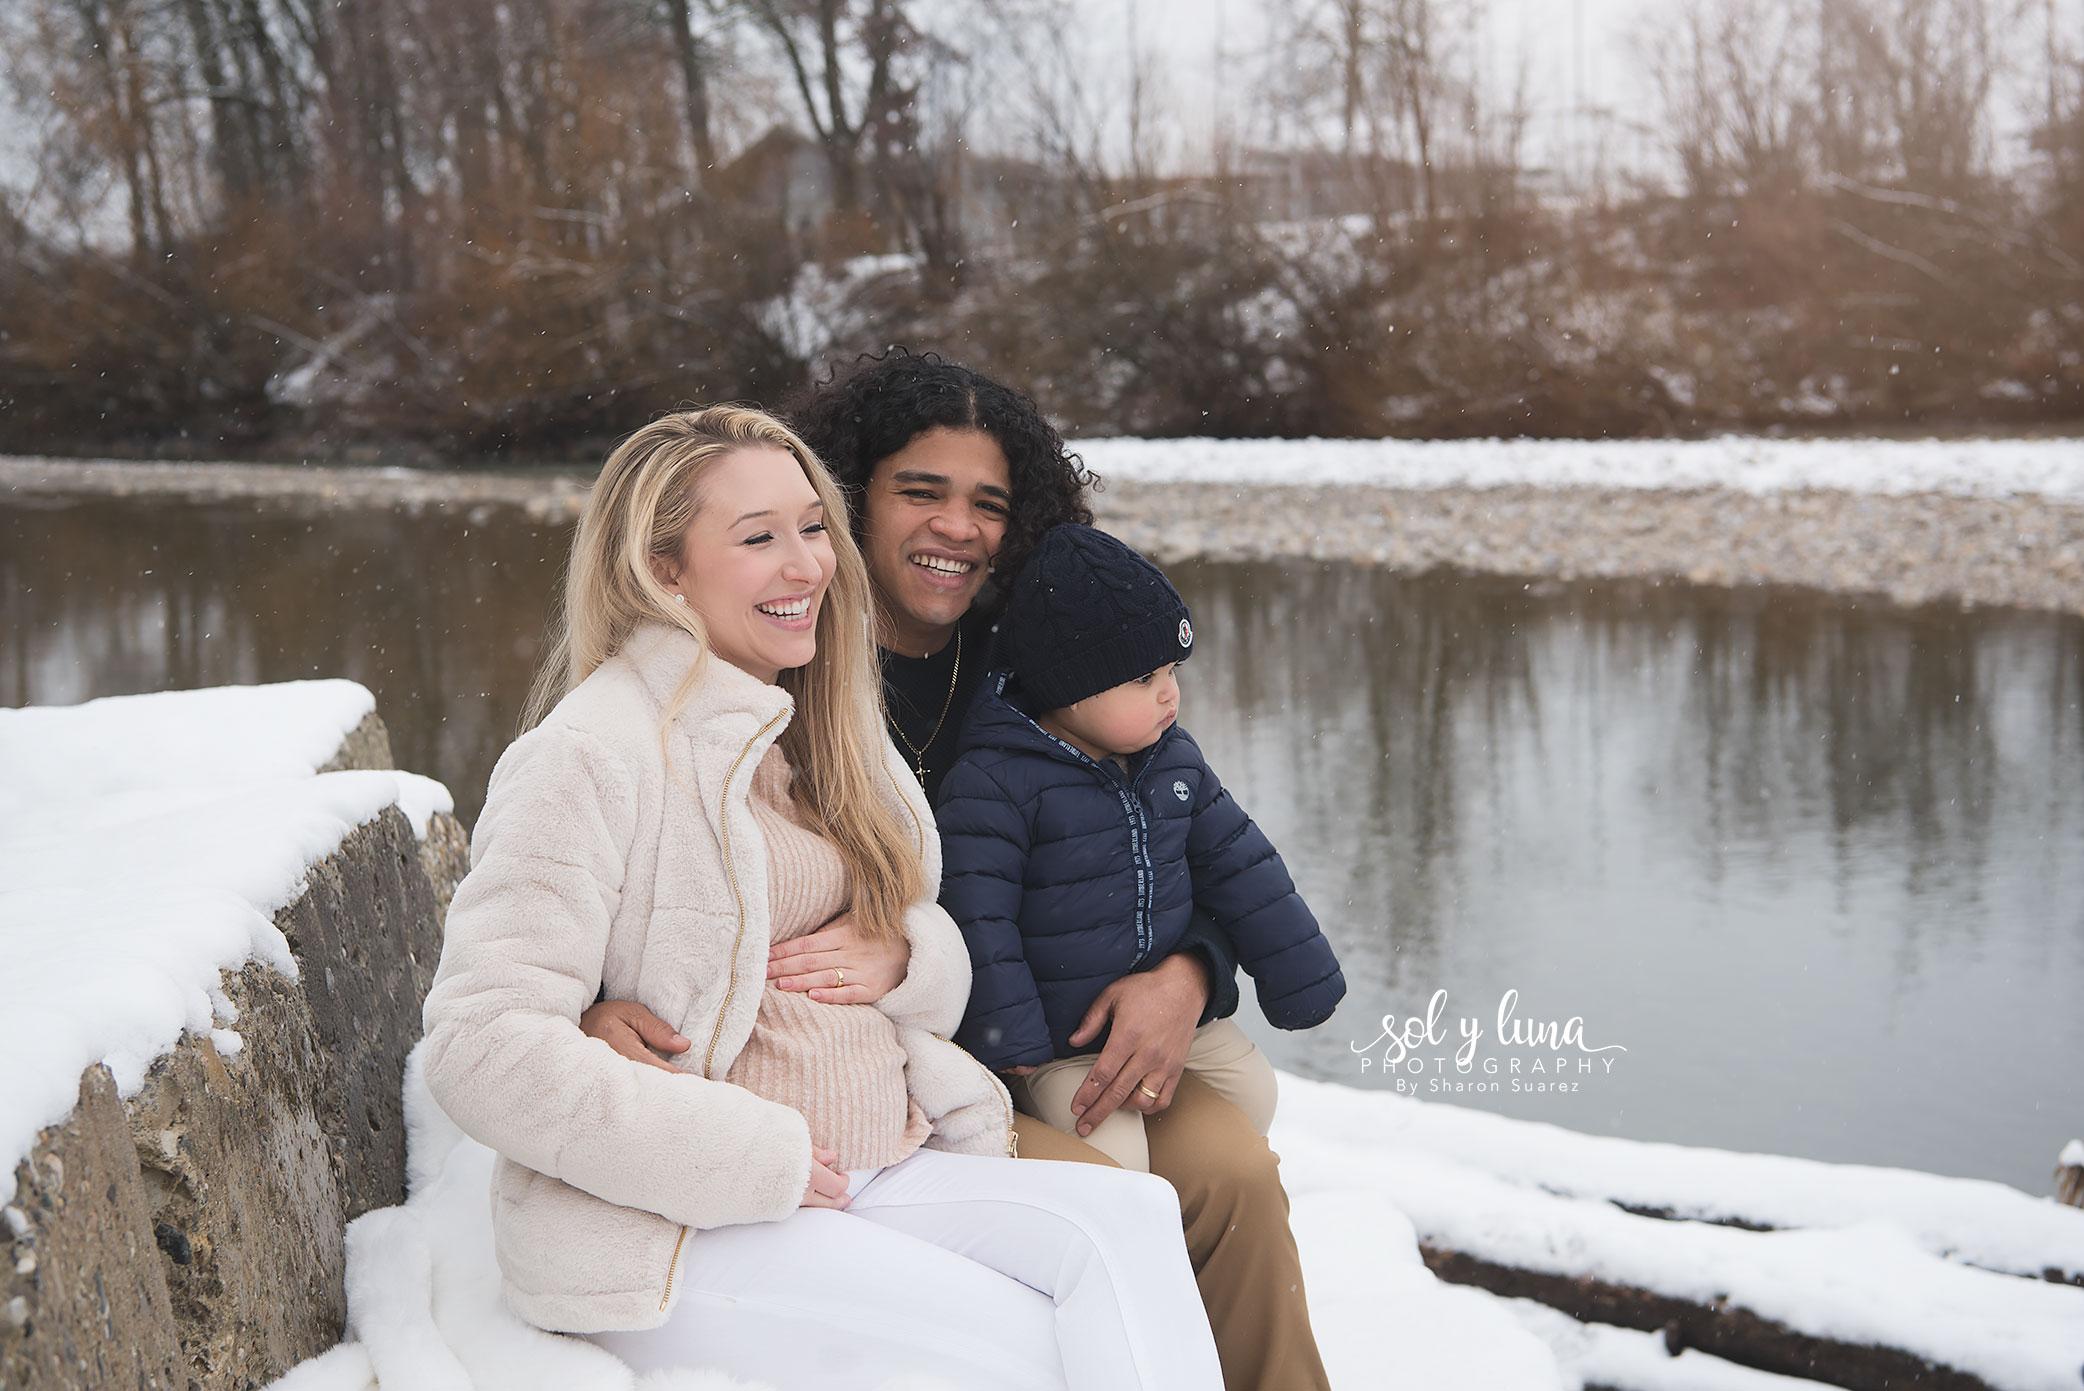 Familienfotoshooting Outdoor